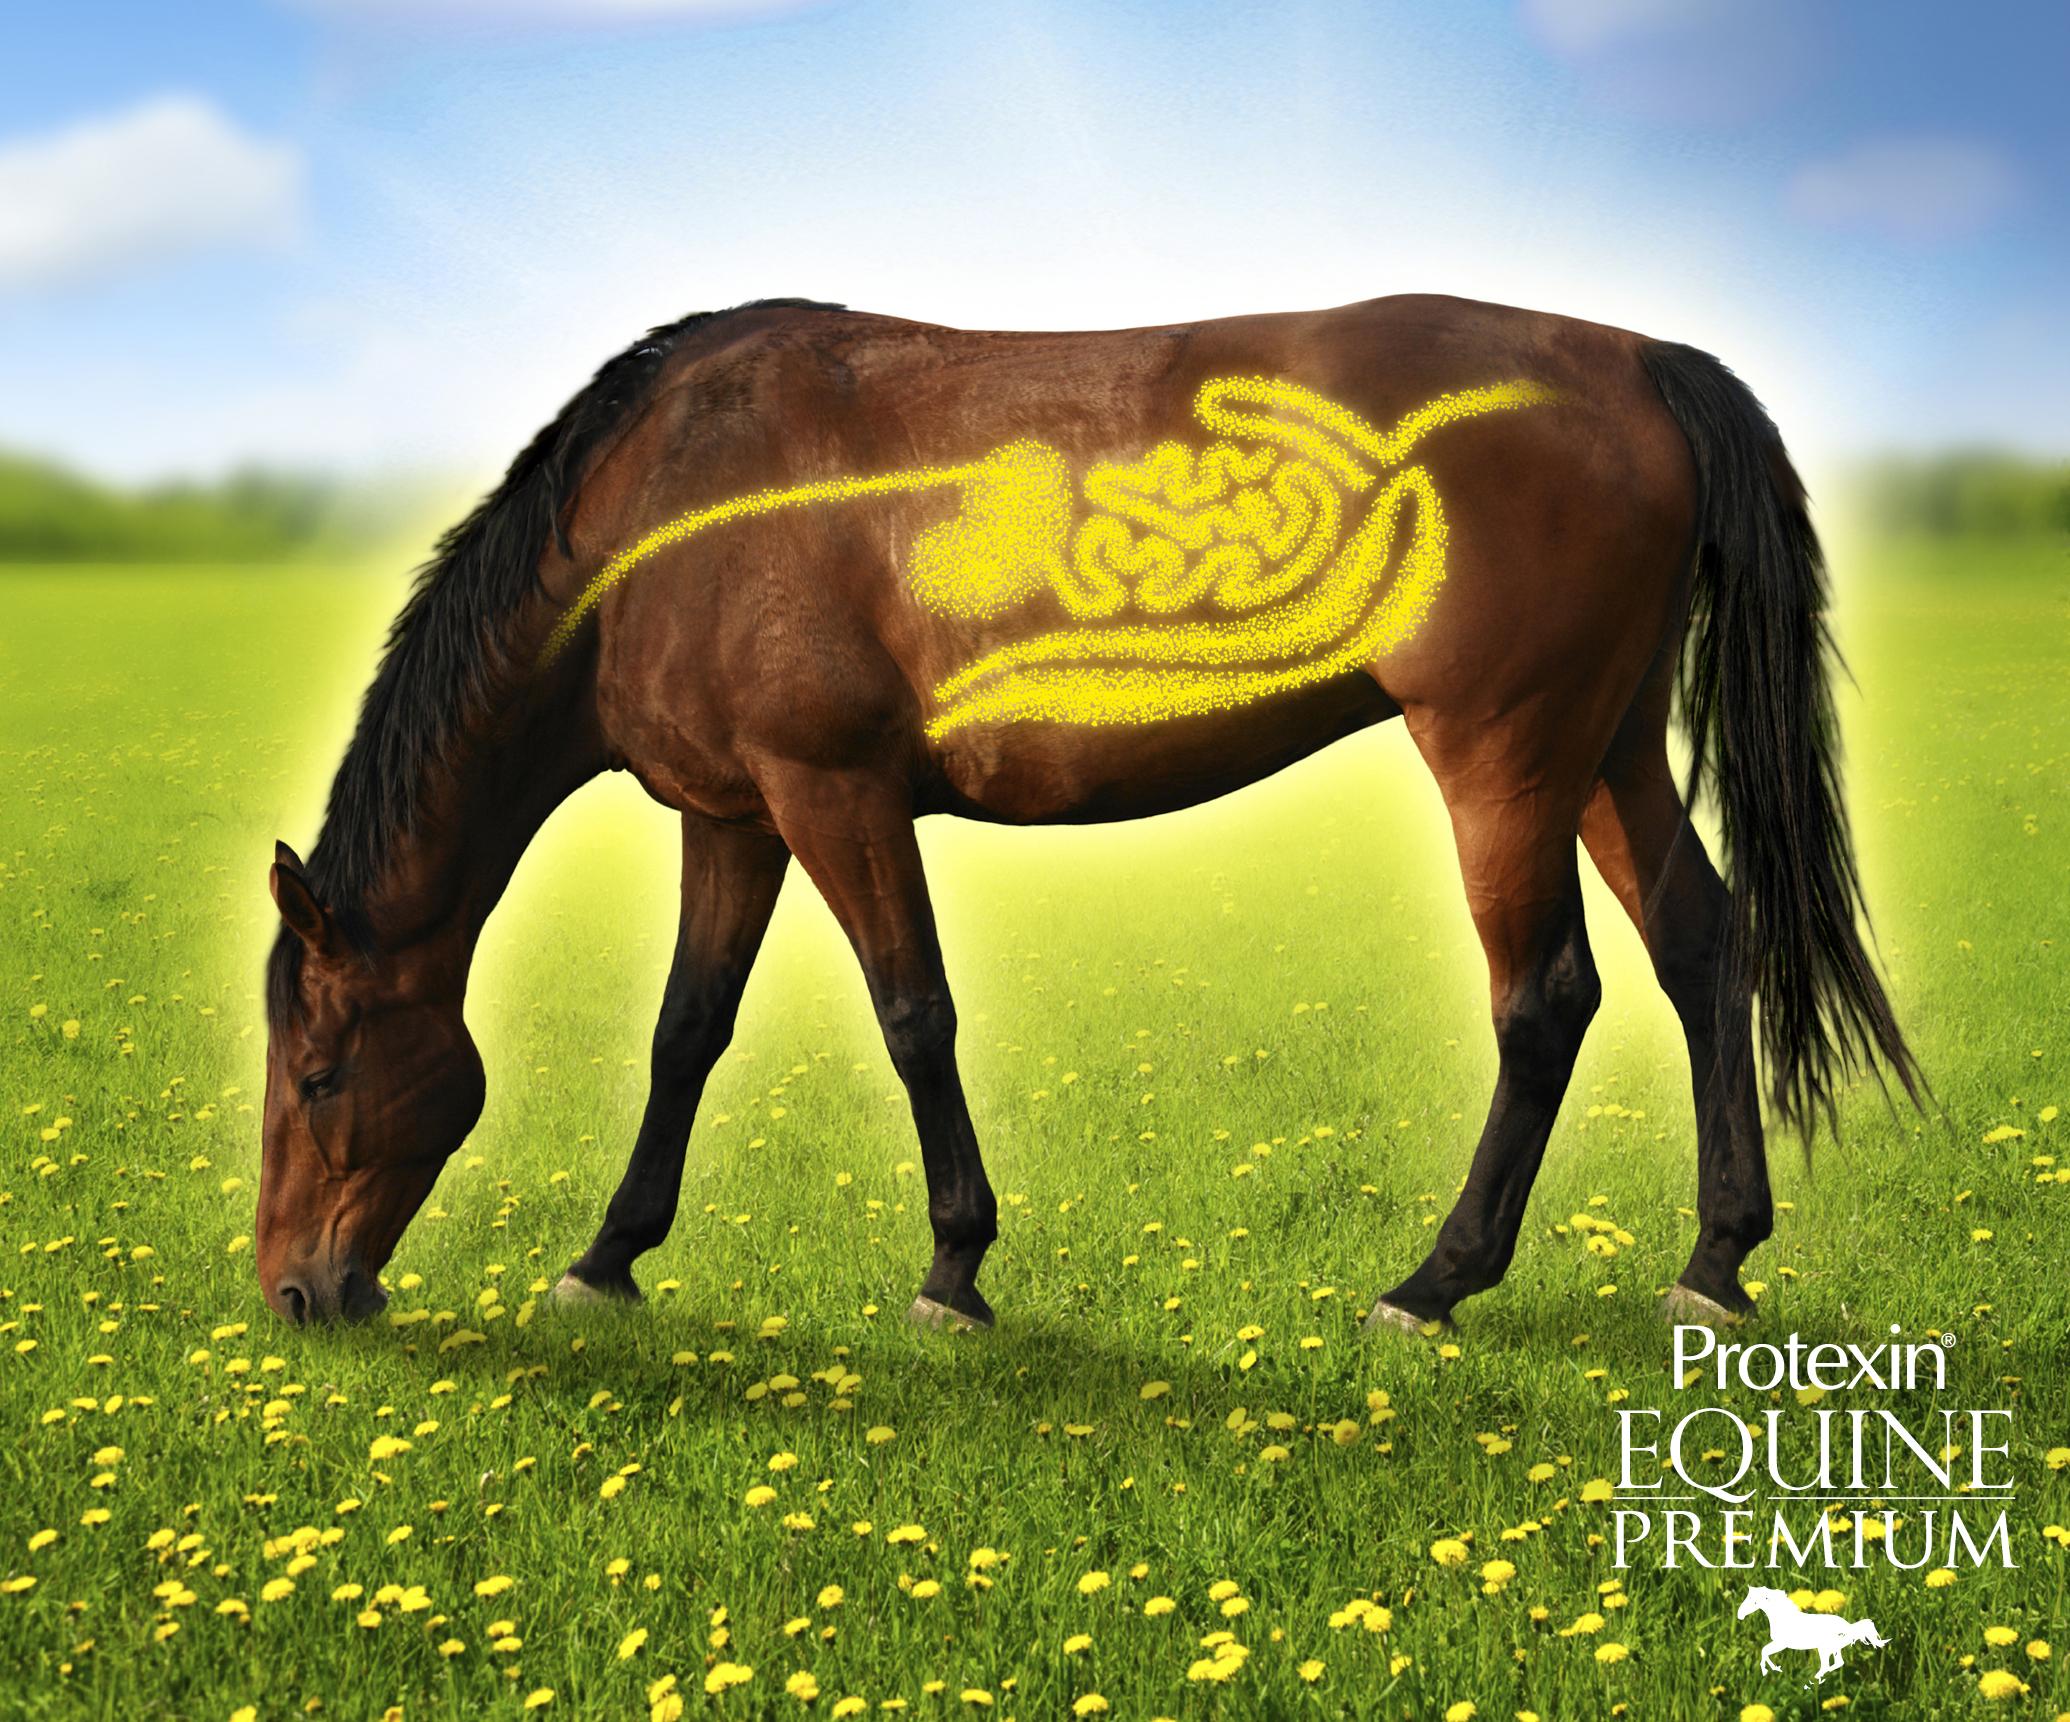 Probiotics for equine diarrhea